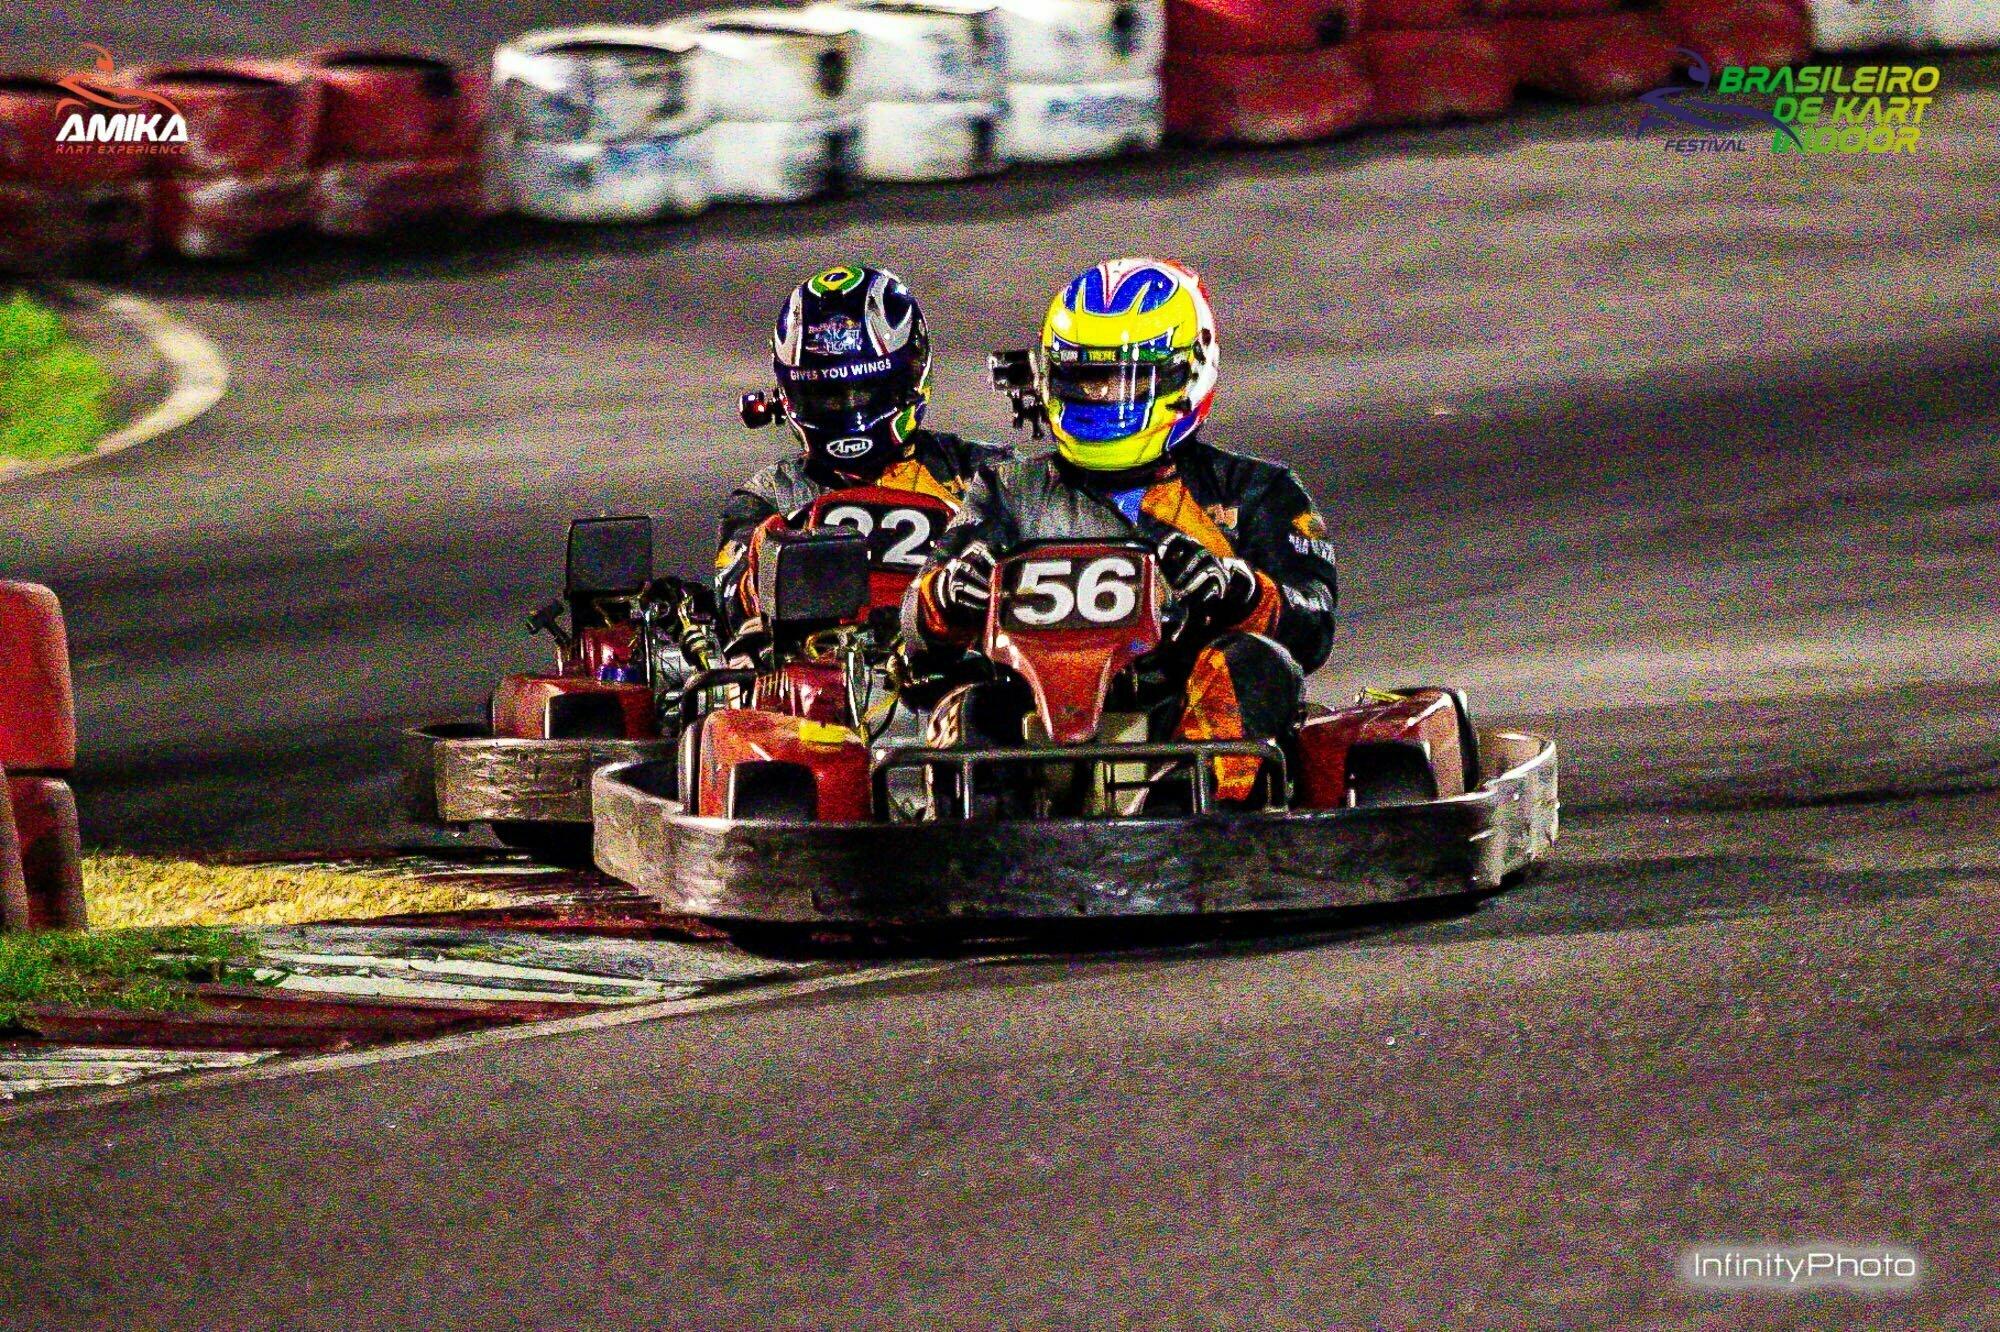 Melhorar corridas de kart